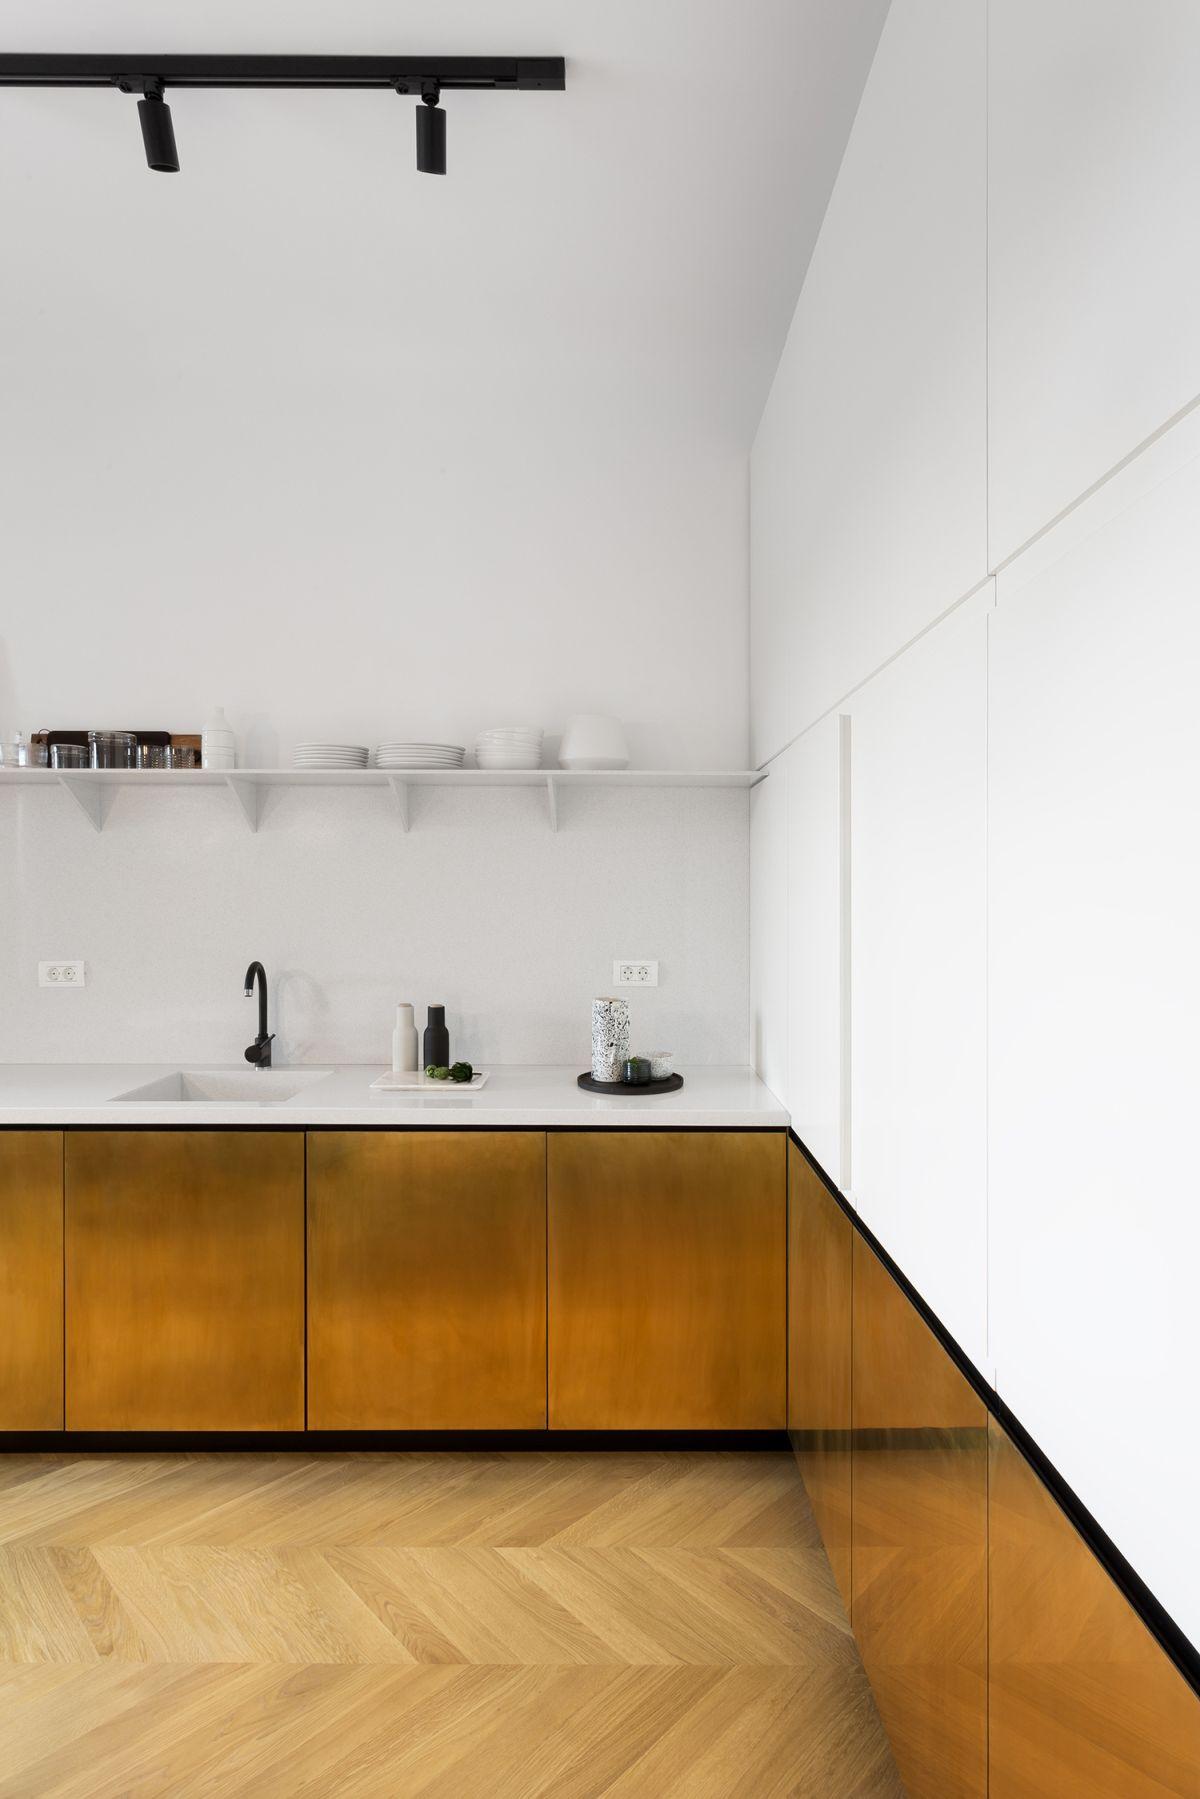 Thiết kế phòng bếp đẹp kết hợp với nẹp theo xu hướng 2021